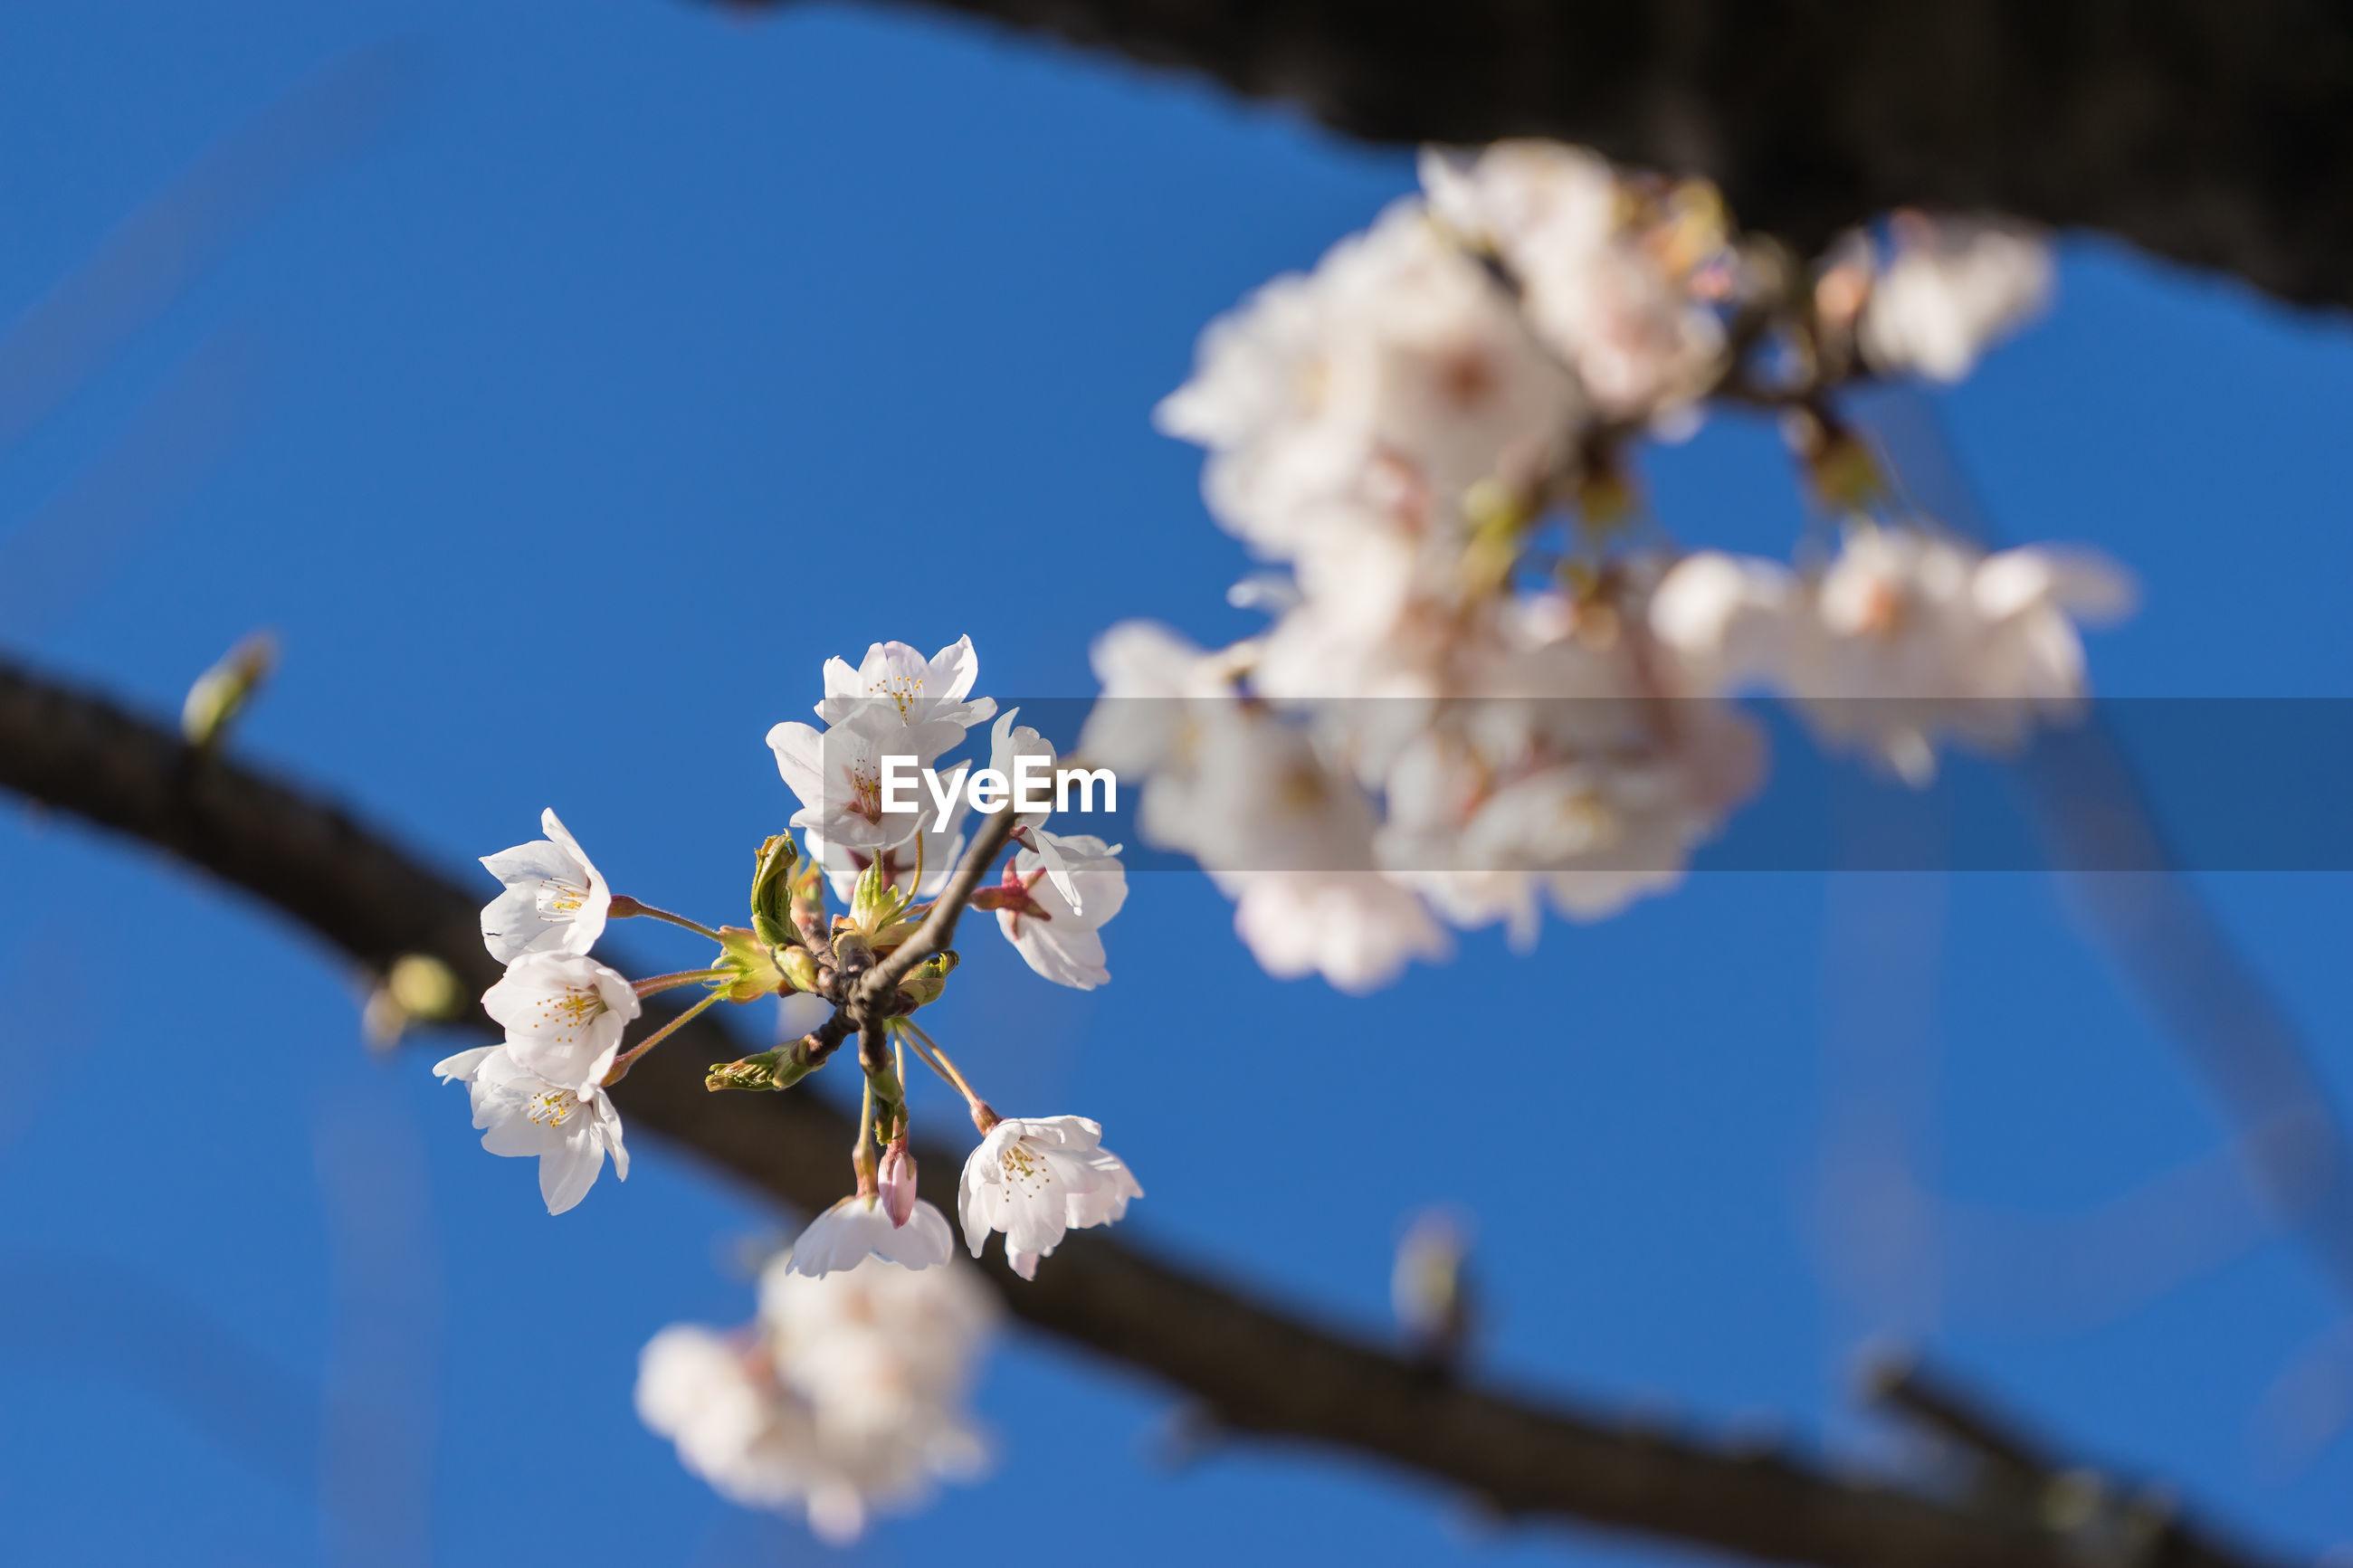 CLOSE-UP OF CHERRY BLOSSOM AGAINST BLUE SKY